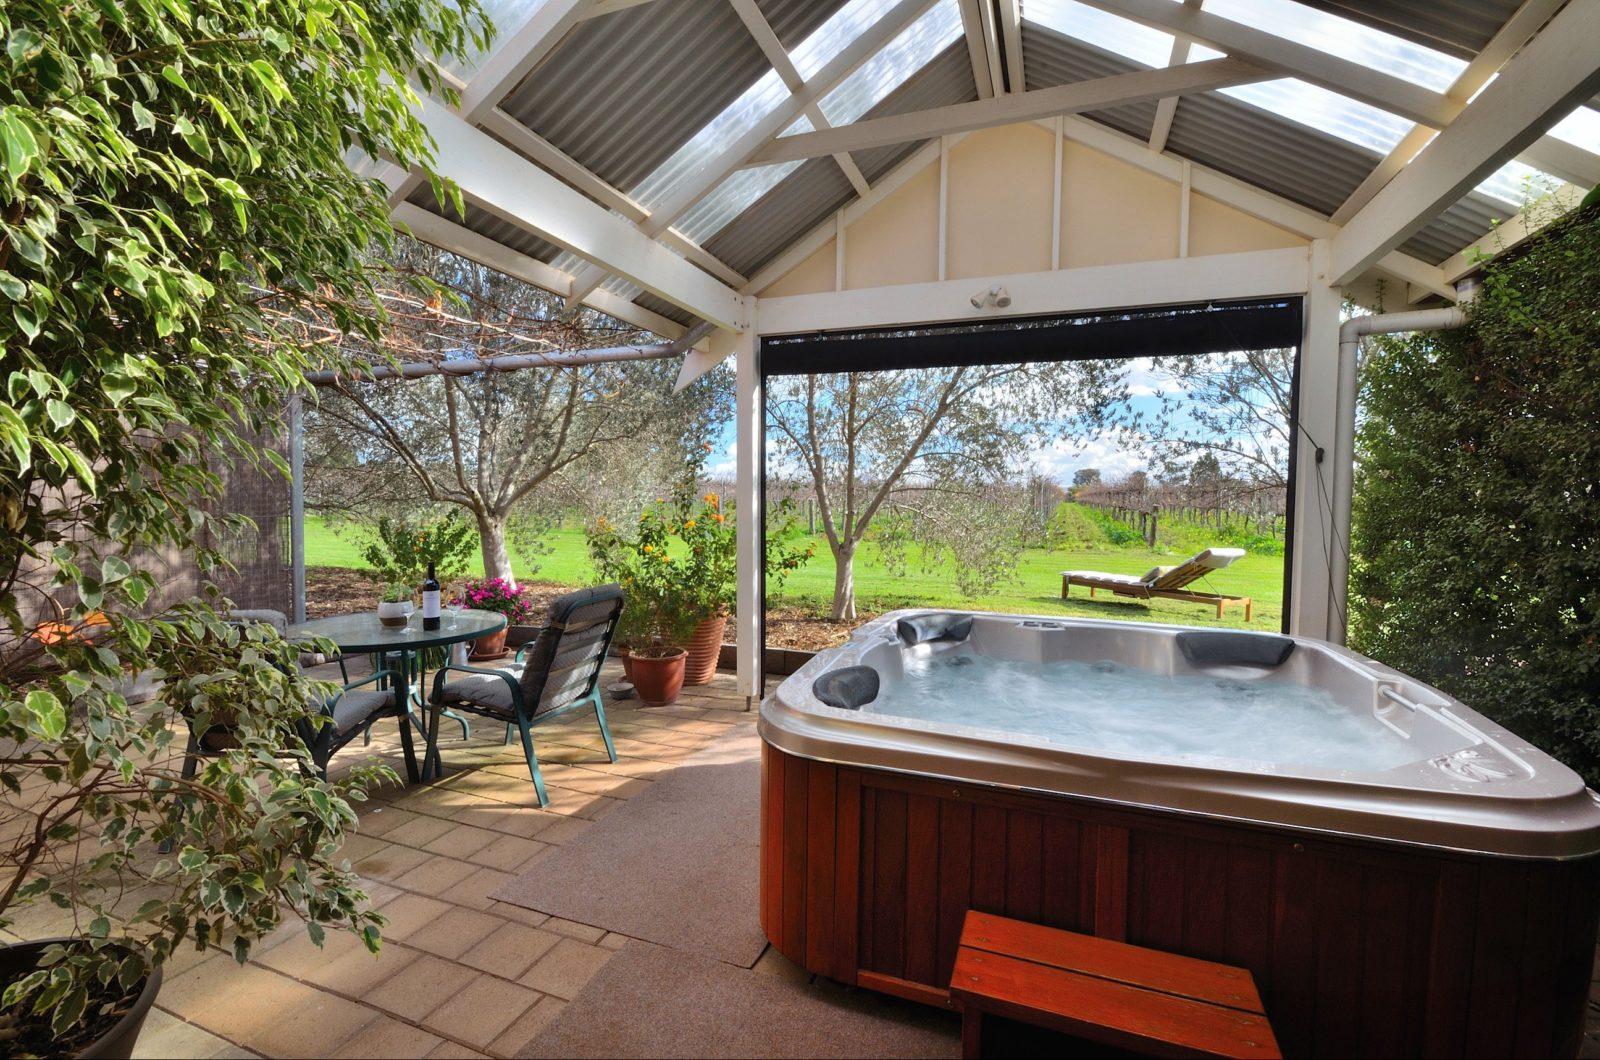 Veranda overlooking vineyard, outdoor heated spa